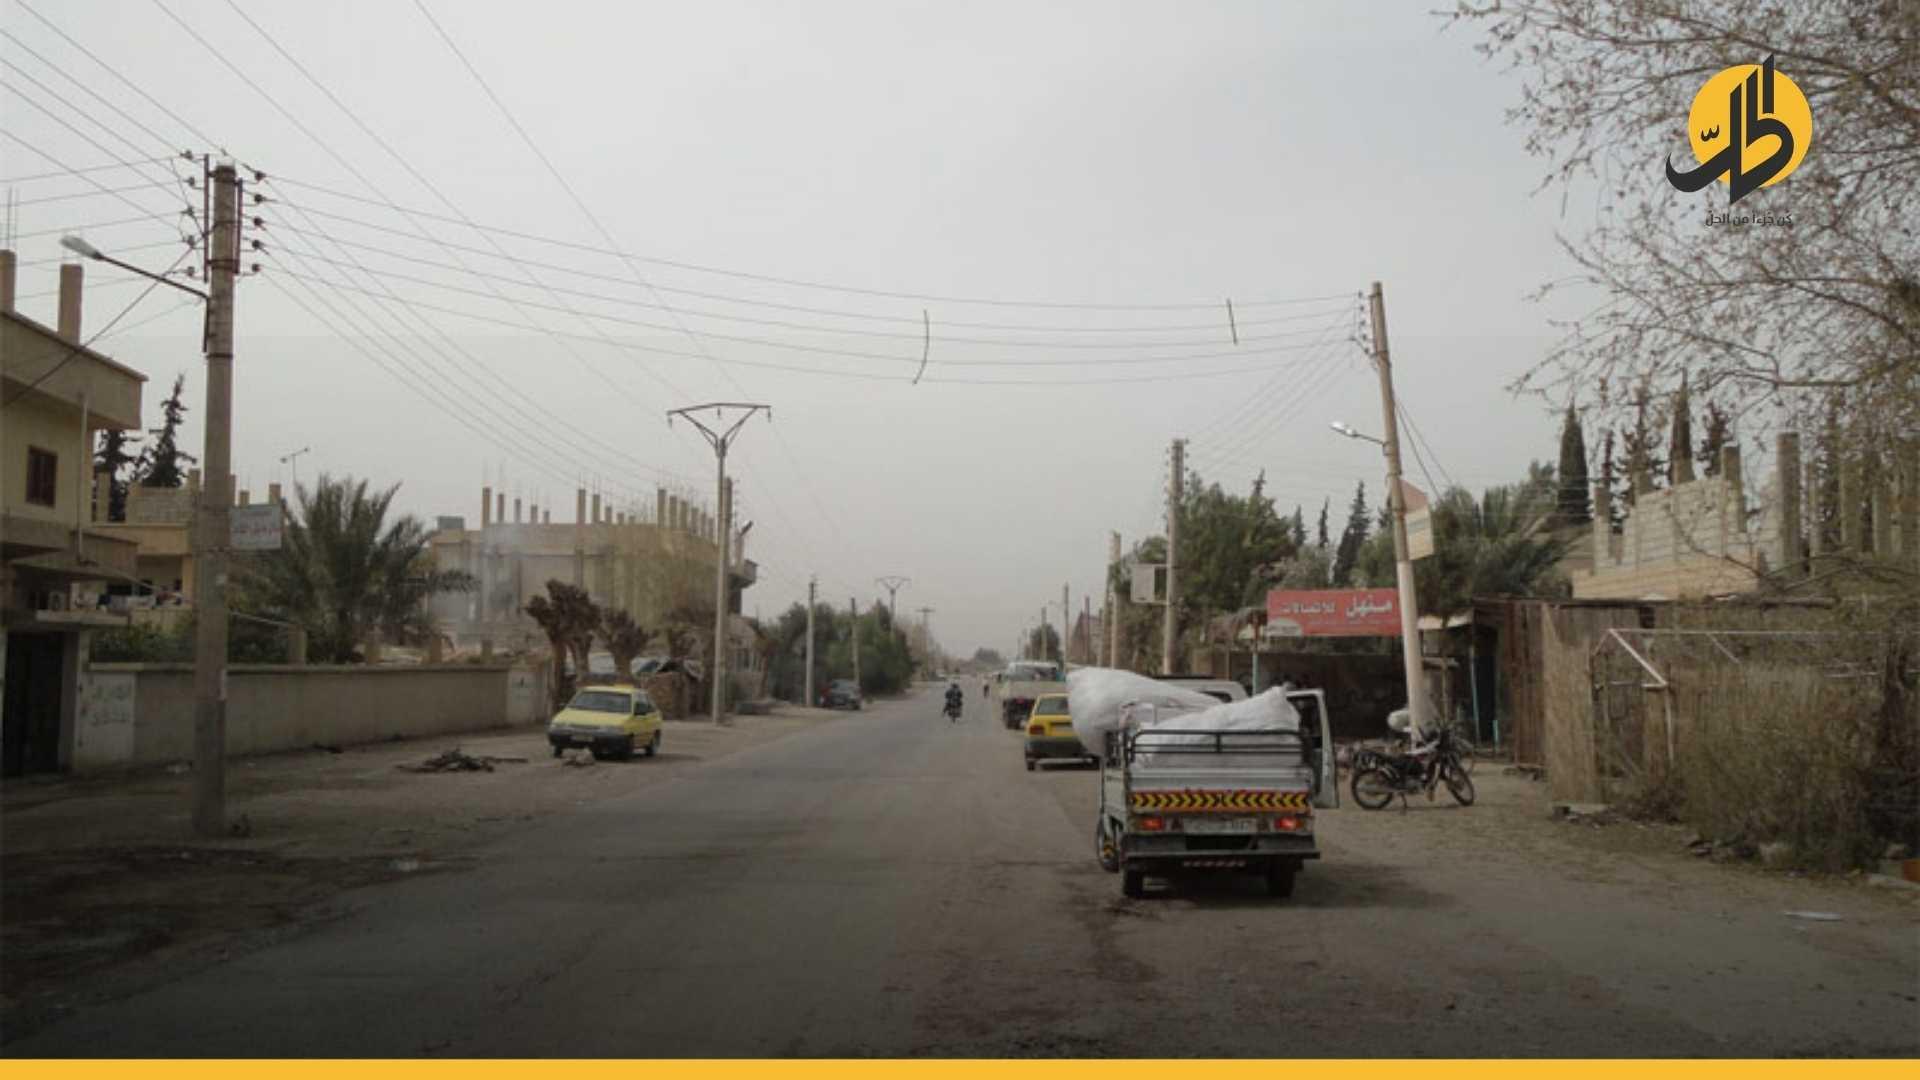 للمرة الثانية خلال أسبوع.. نجاة رئيس بلدية غربي ديرالزور من محاولة اغتيال